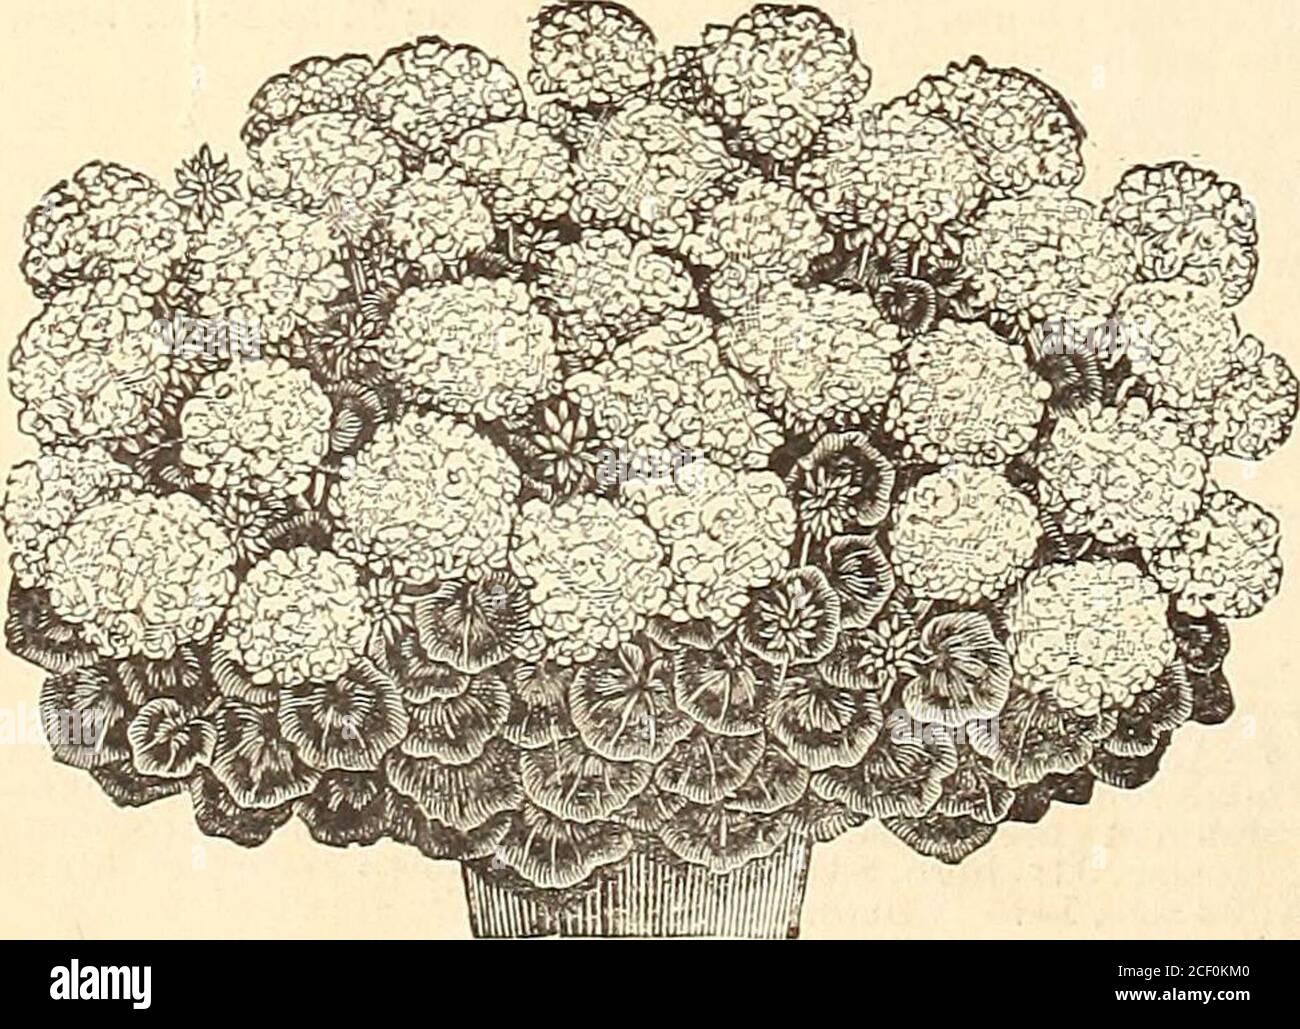 . WM. Elliott & Sons : 1893. FANTAISIE CALADIUMS... GÉRANIUM, CYGNE BLANC. FUCHSIAS SIMPLES. Annie Earle. Corolle de carmine ; sépales blancs cireux. Benjamin Pearson. Cramoisi et corolle pourpre; sépales rouge rosé. Prince noir. Tube et septum cireux carmin. Gyrophare. Corolle une carmine profonde ; sépales écarlate. Constance. Corolle unique, riche carmin ; sépales blancs ; fleurs grandes ; une très belle variété.Dr. Topinard. Sépales, grand rouge cerise; grande corolle ouverte, rose blanche pure marquée.comte de Beaconsfield. Corolle orange foncé ; très grande fleur.Ernest Renan. Corolle carmin ; sépales White.Little Alice. Banque D'Images